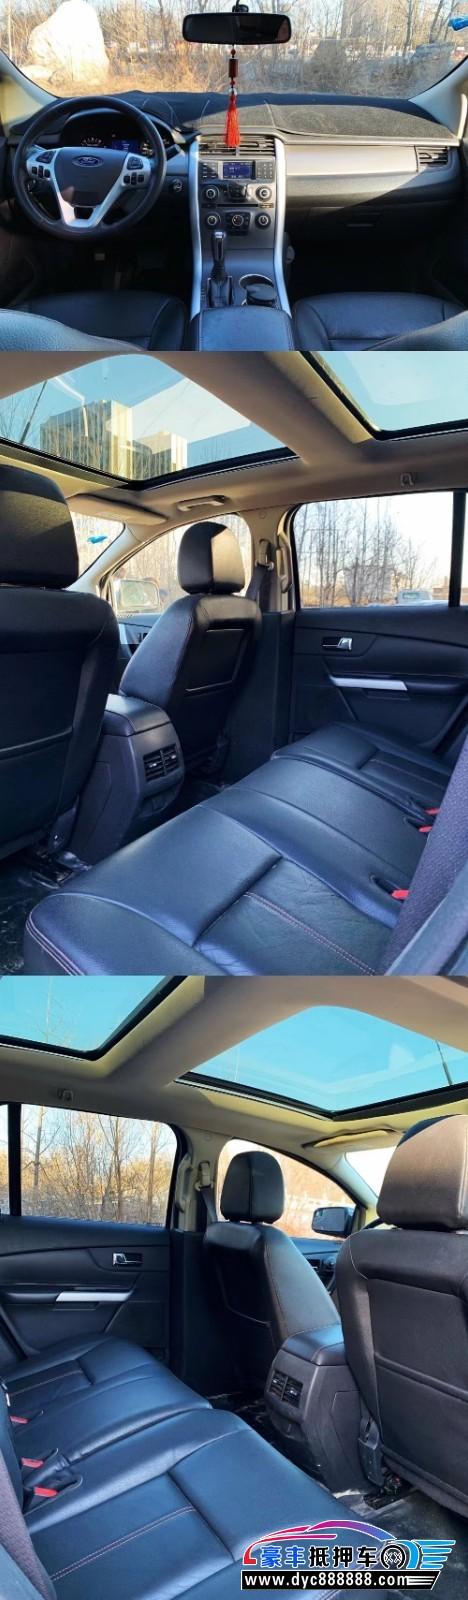 抵押车出售14年福特锐界SUV